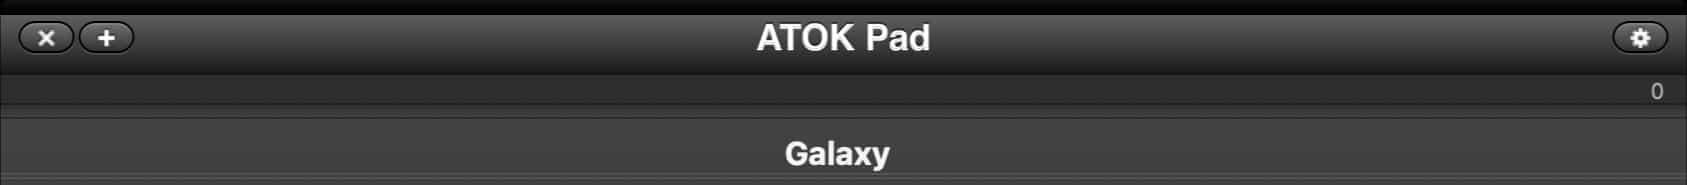 ATOKPadのカラーを変更できます